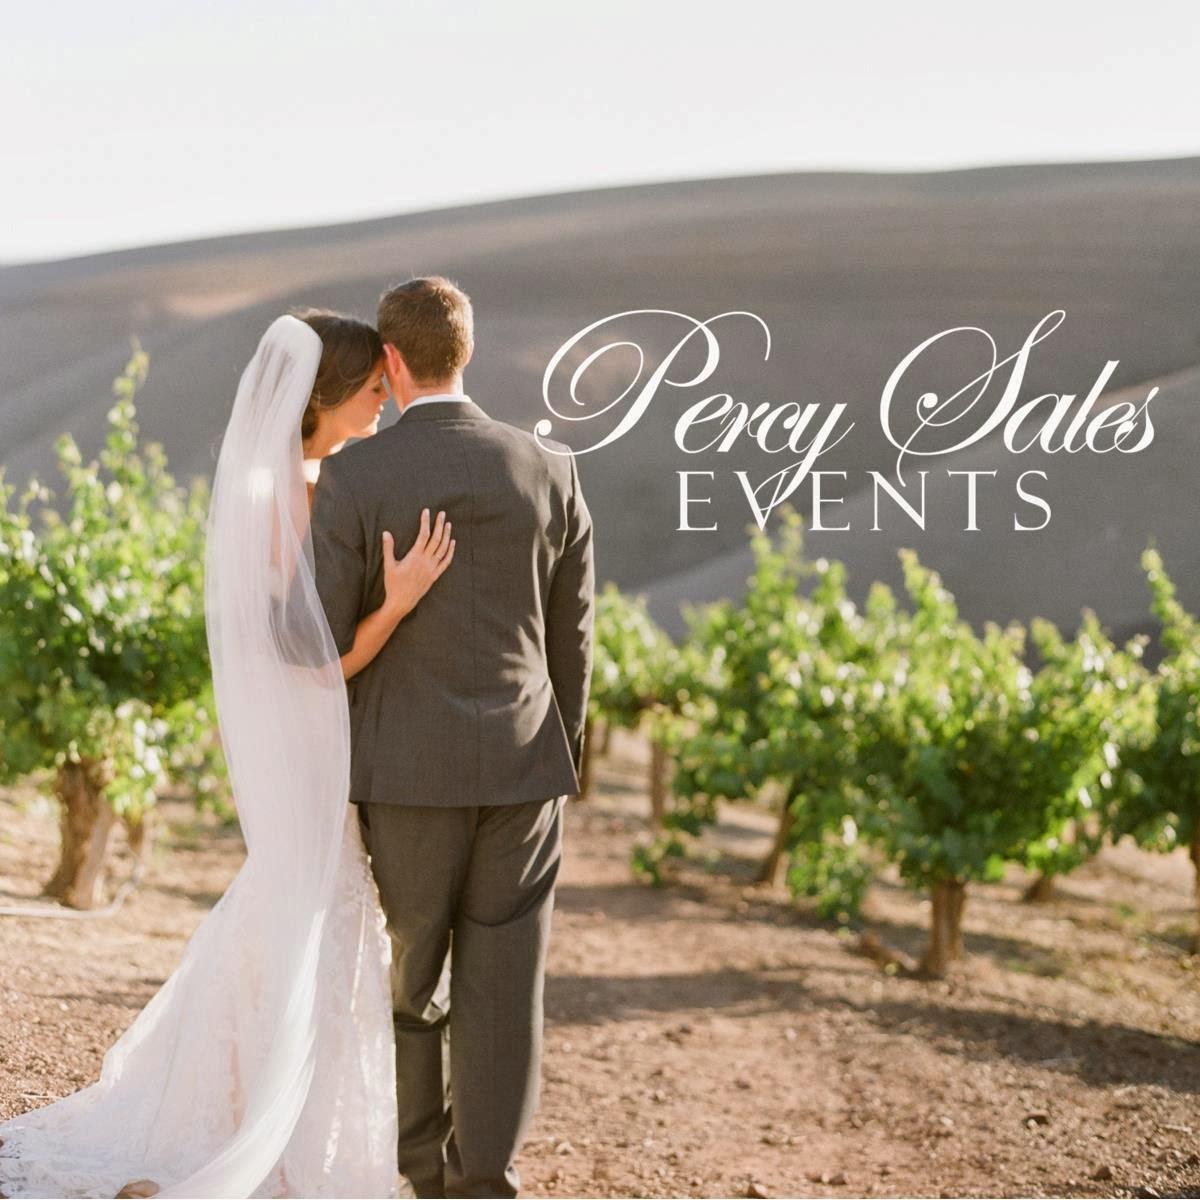 www.percysales.com